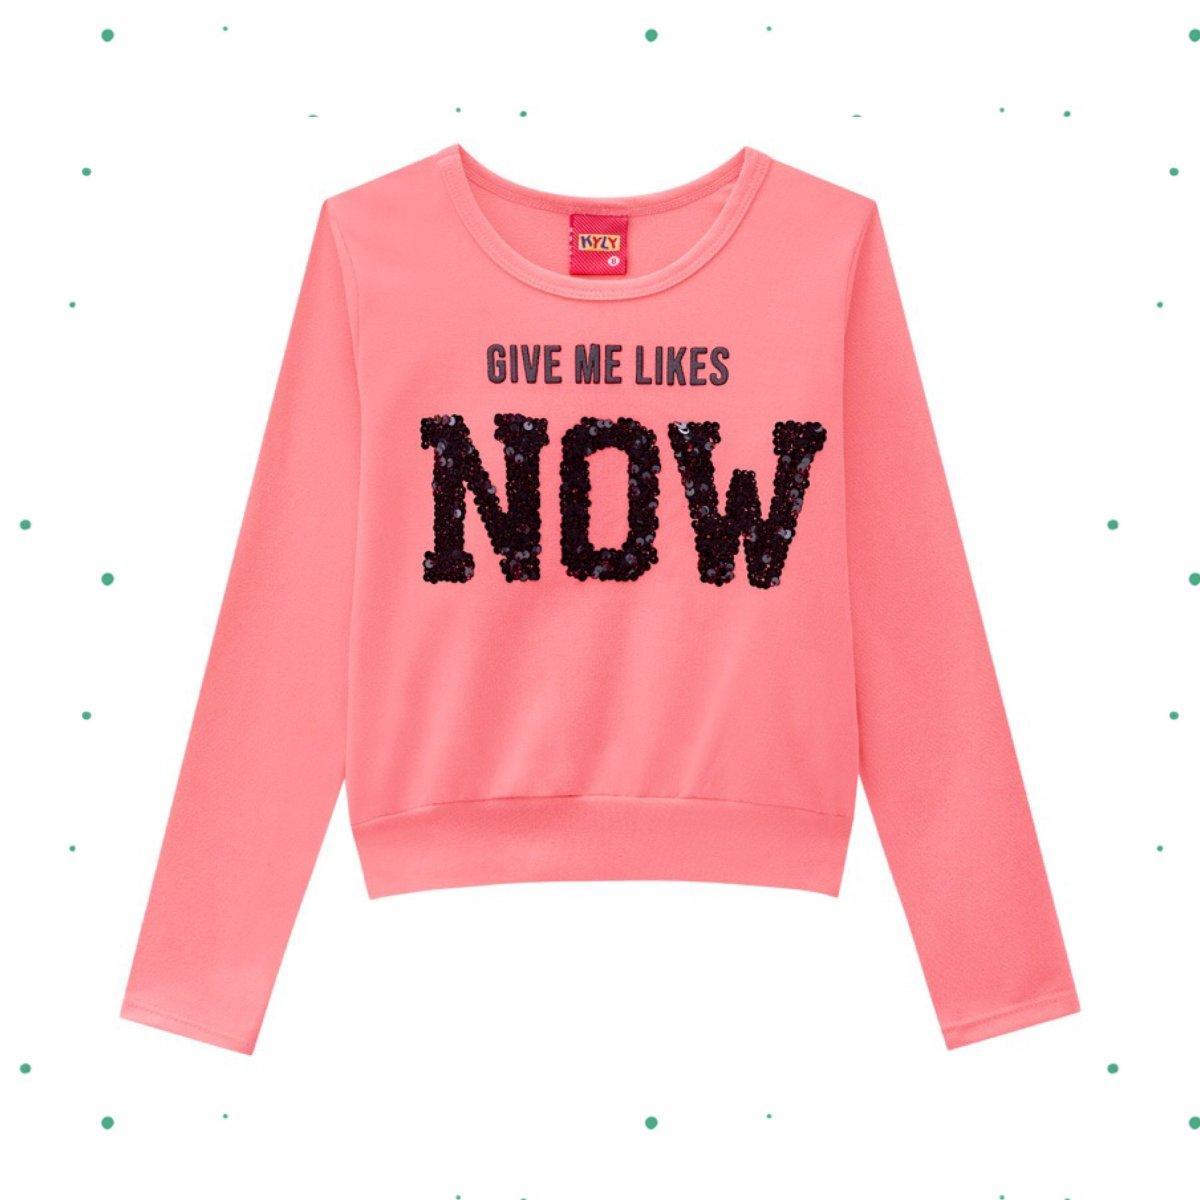 Blusa Manga Longa Menina Kyly em Cotton cor Pink Neon